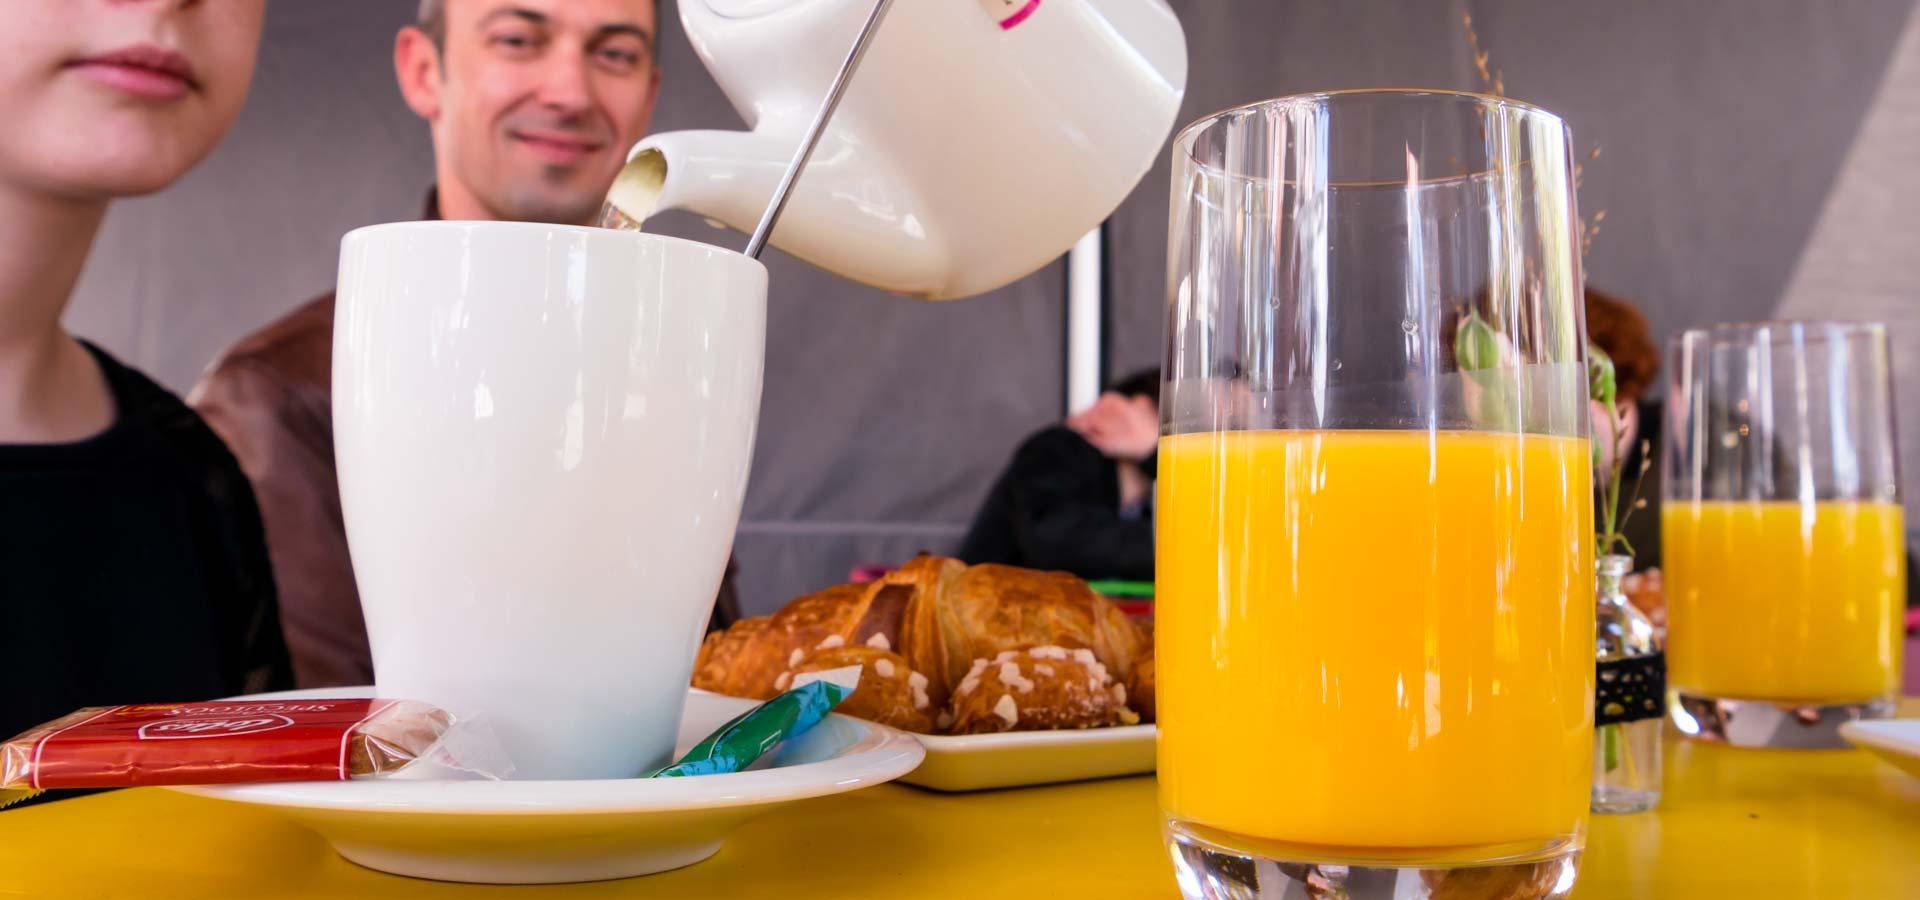 gouter-petit-dejeuner-restaurant-potofeu